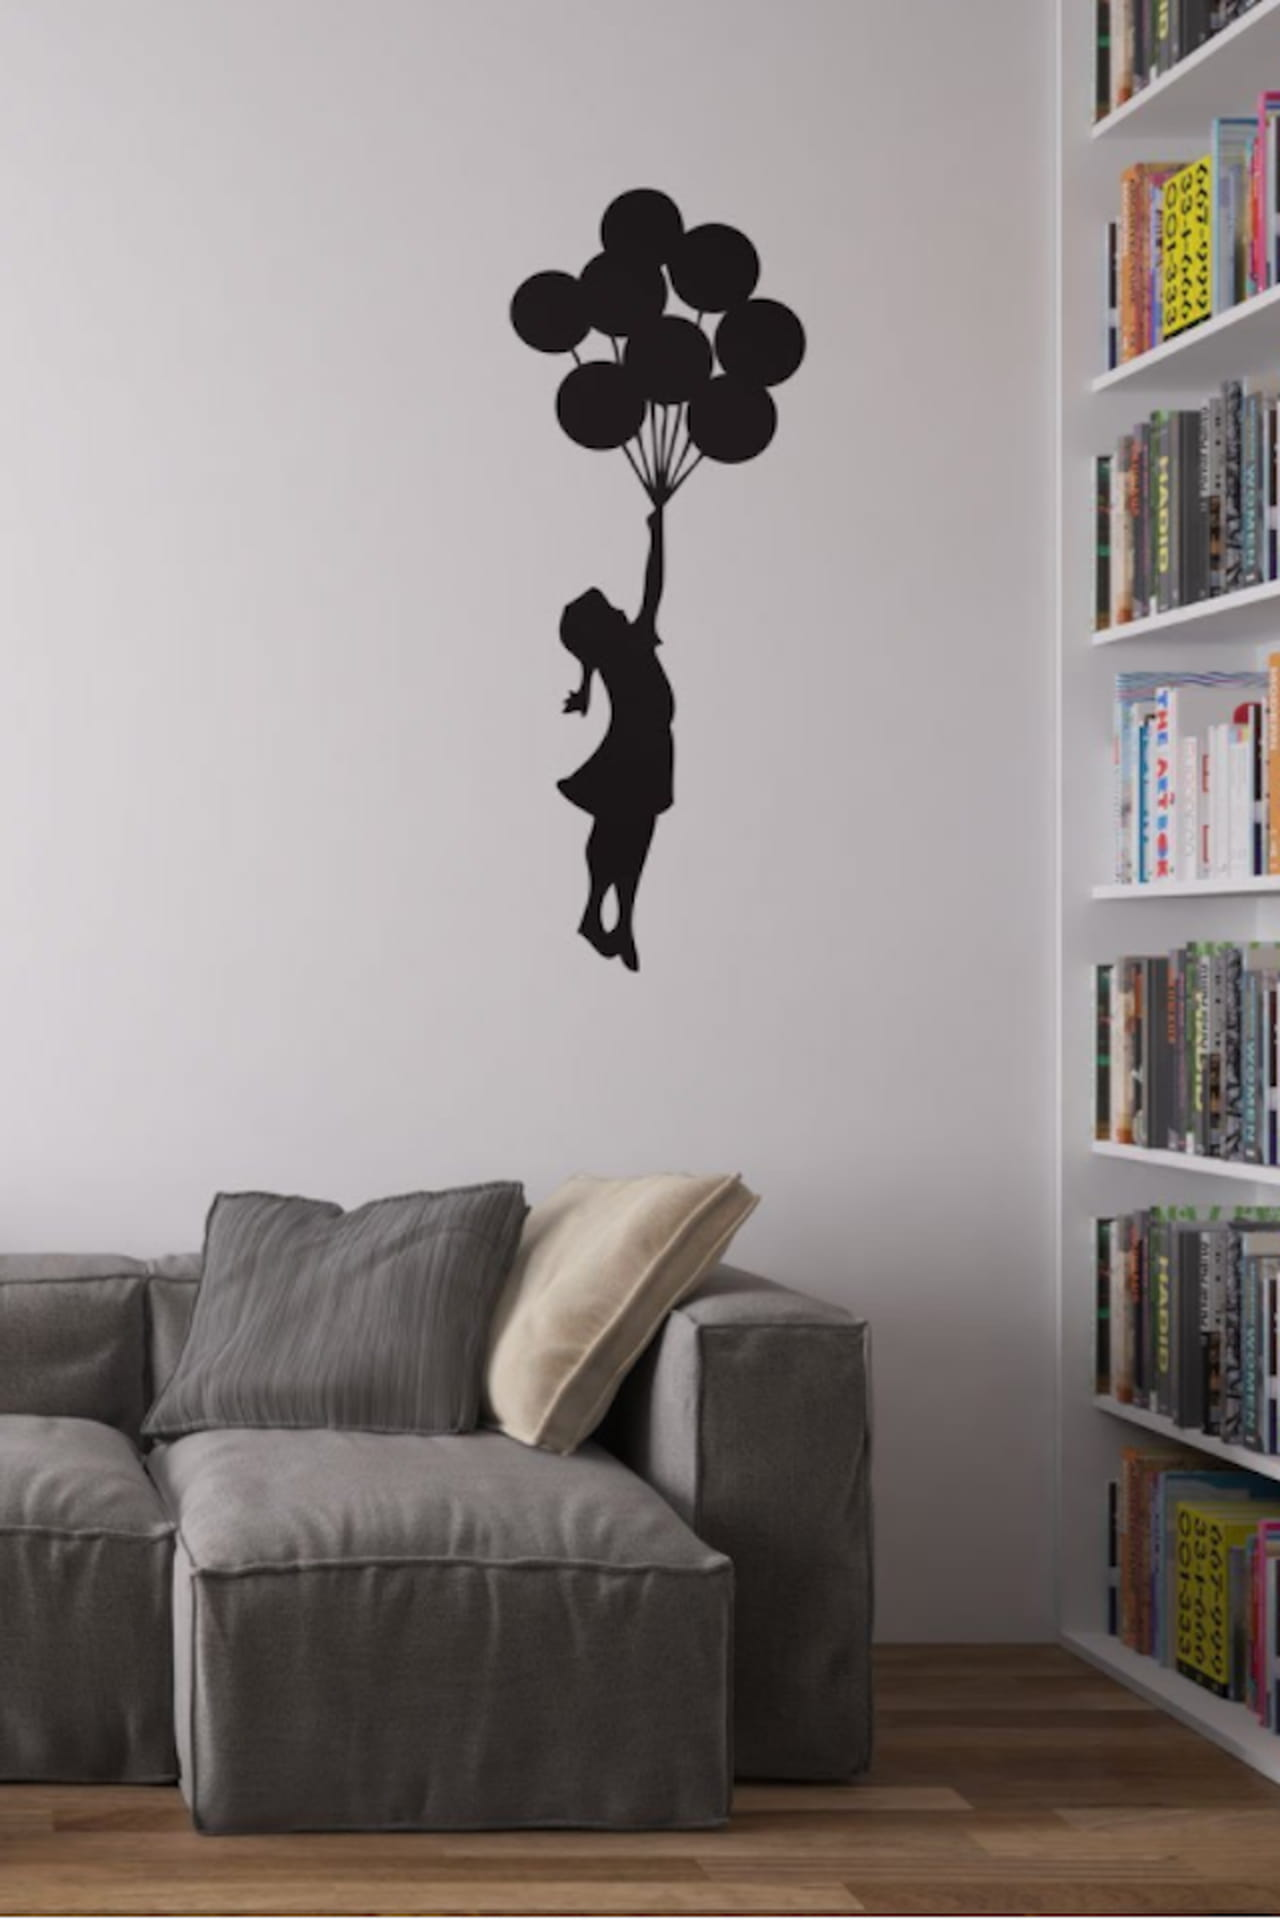 Decorazioni pareti adesivi per personalizzare i muri for Adesivi per pareti interne